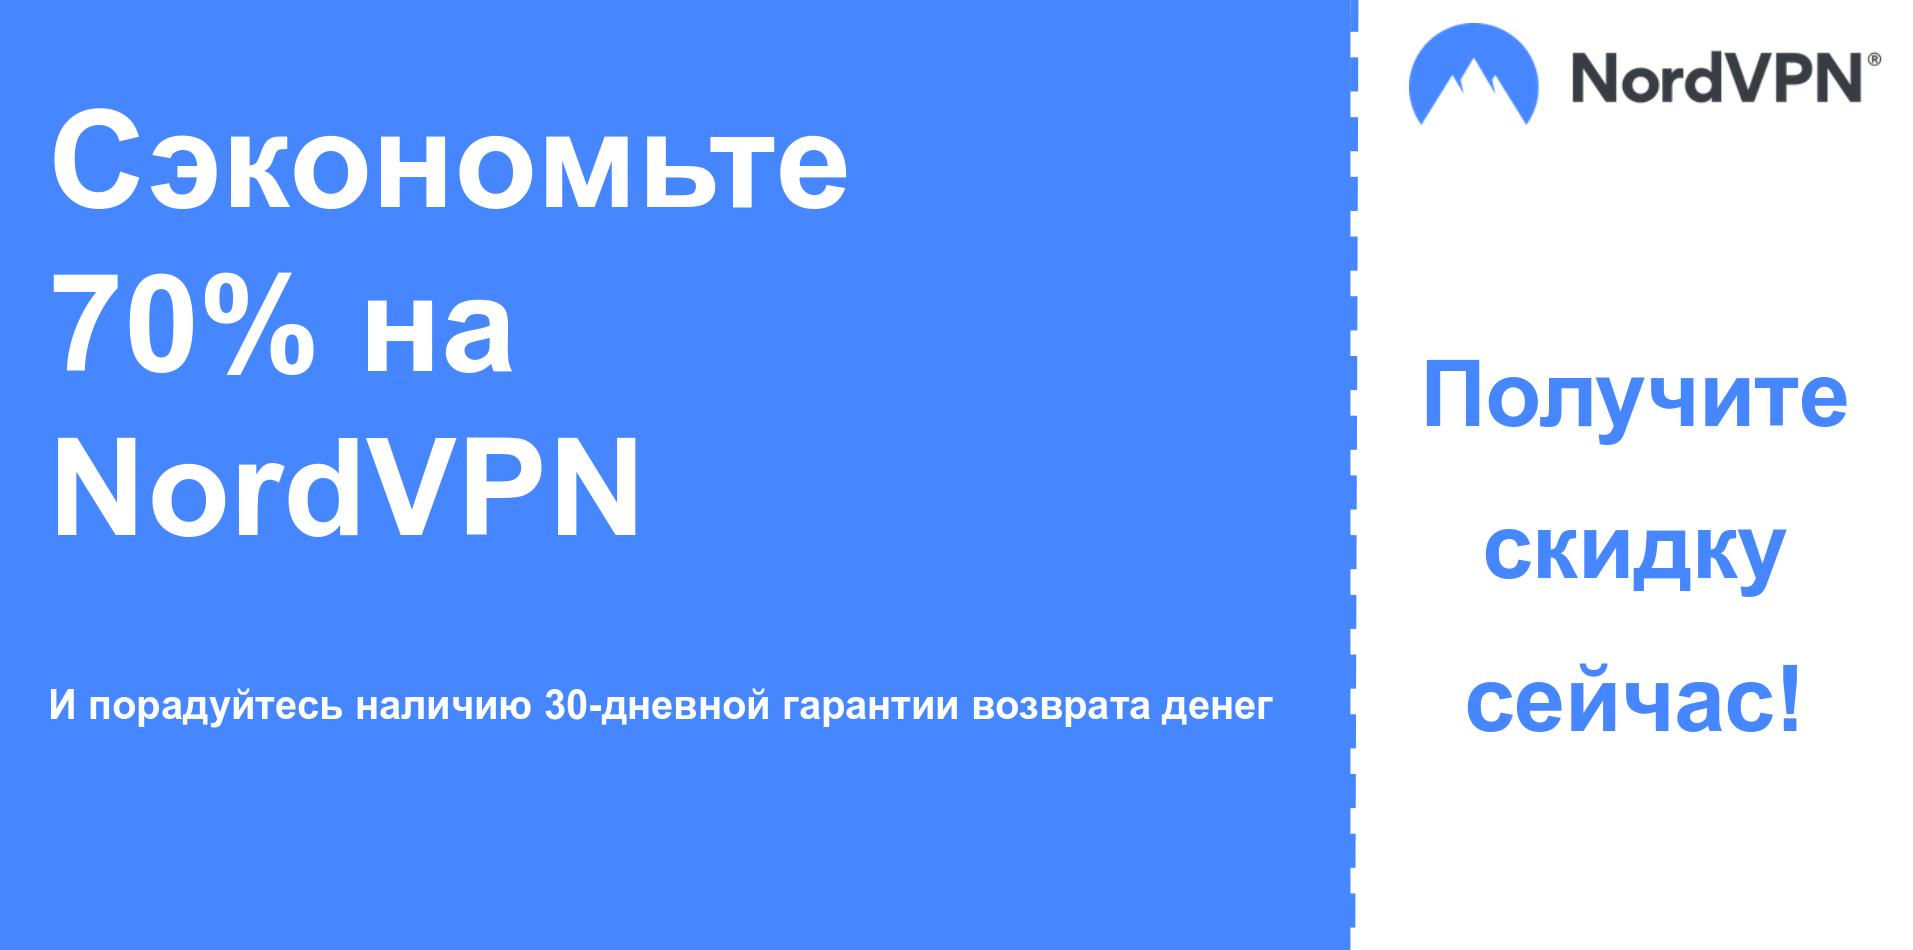 изображение баннера основного купона Nordvpn с 70% скидкой